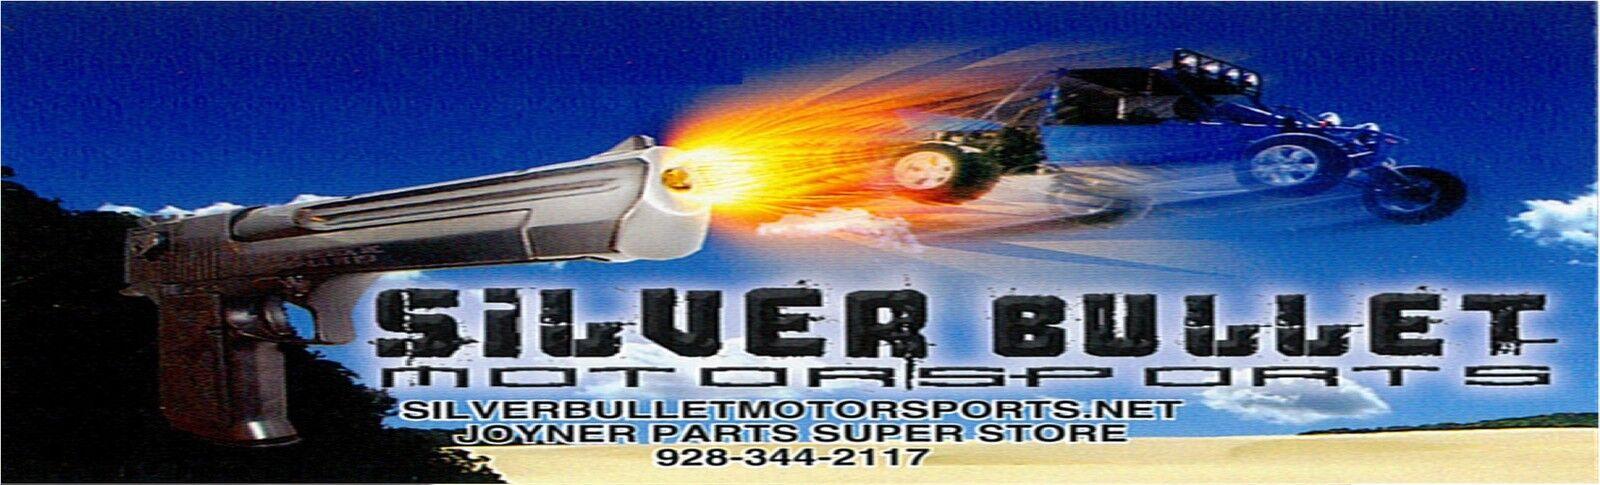 SilverBullet 10